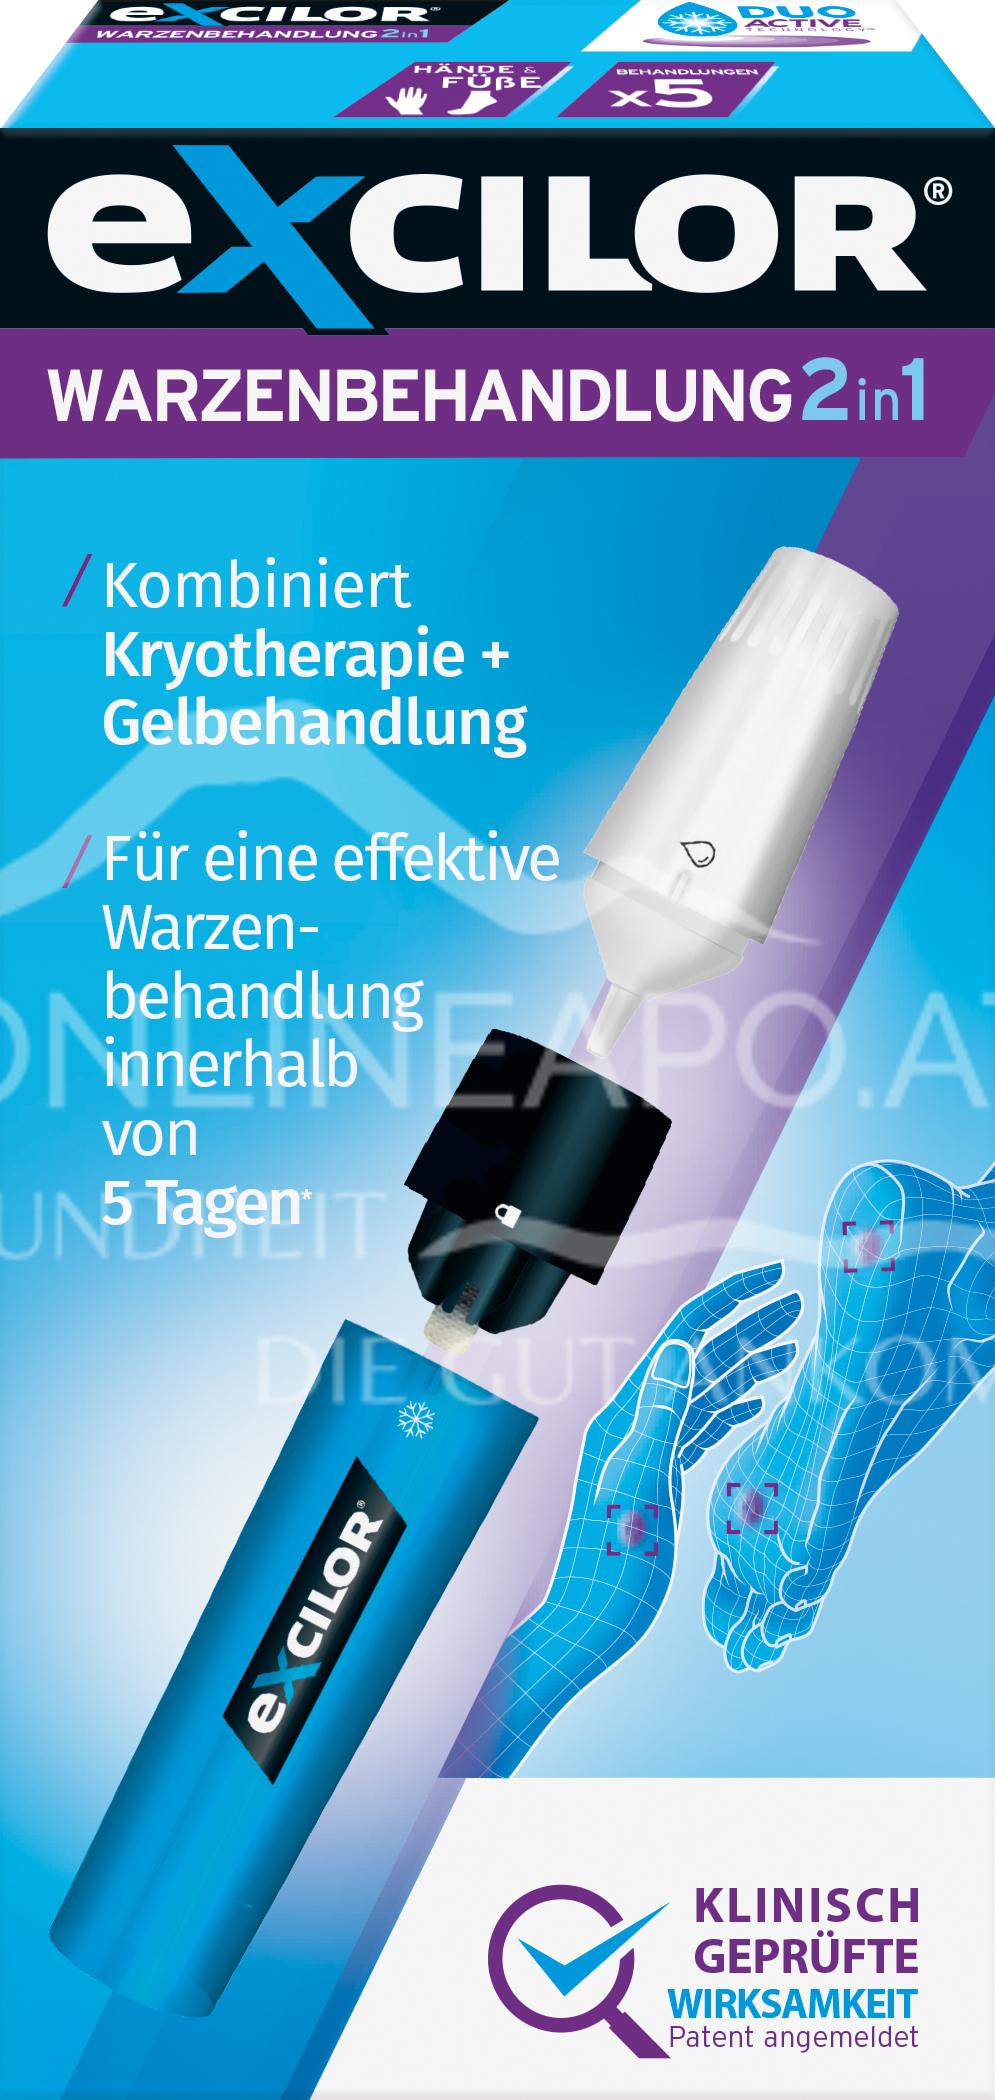 Excilor® Warzenbehandlung 2in1